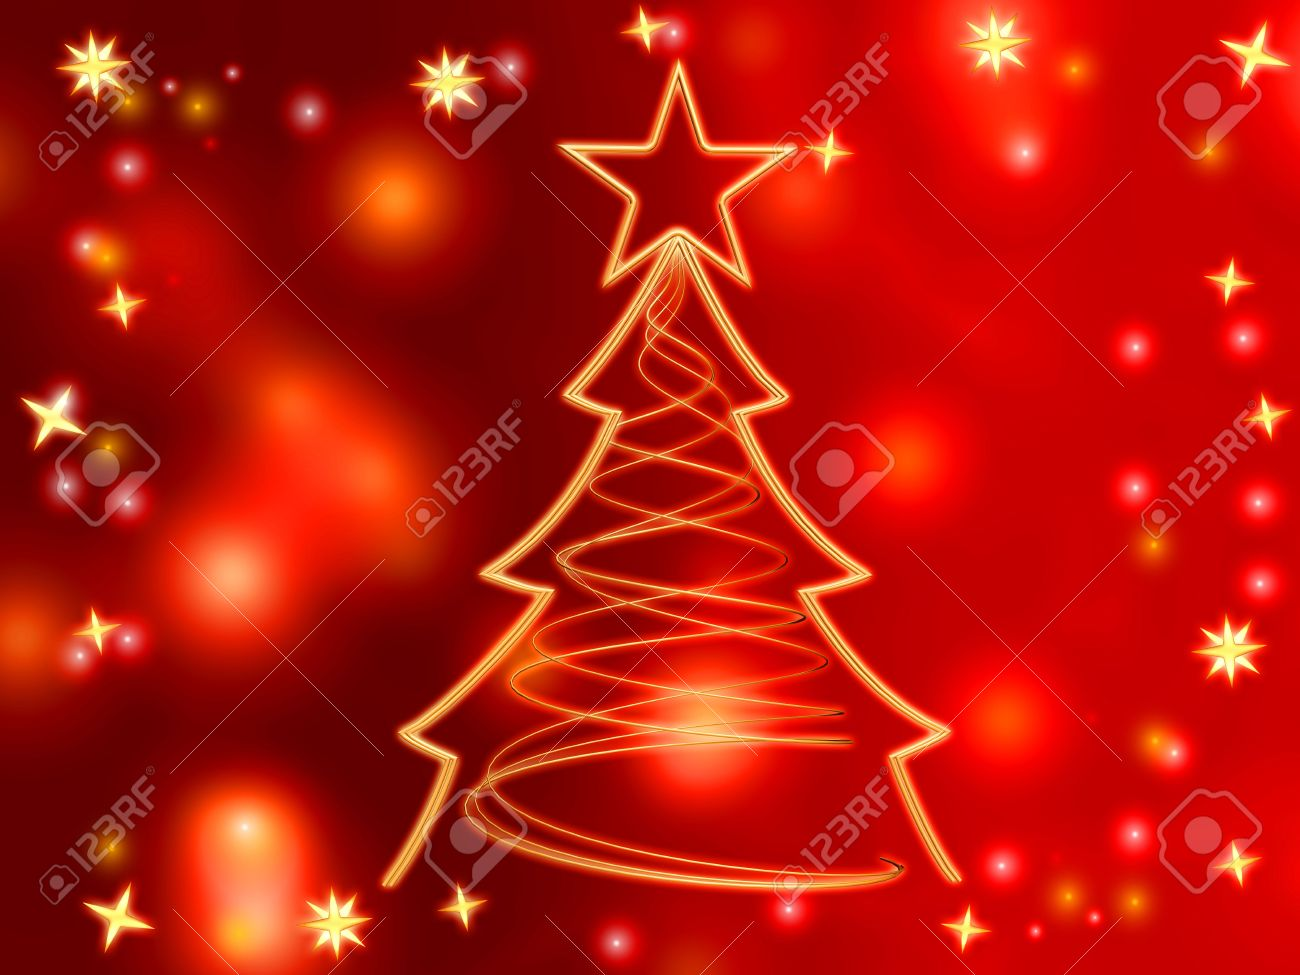 dorado rbol de navidad con estrellas doradas y luces sobre fondo rojo foto de archivo